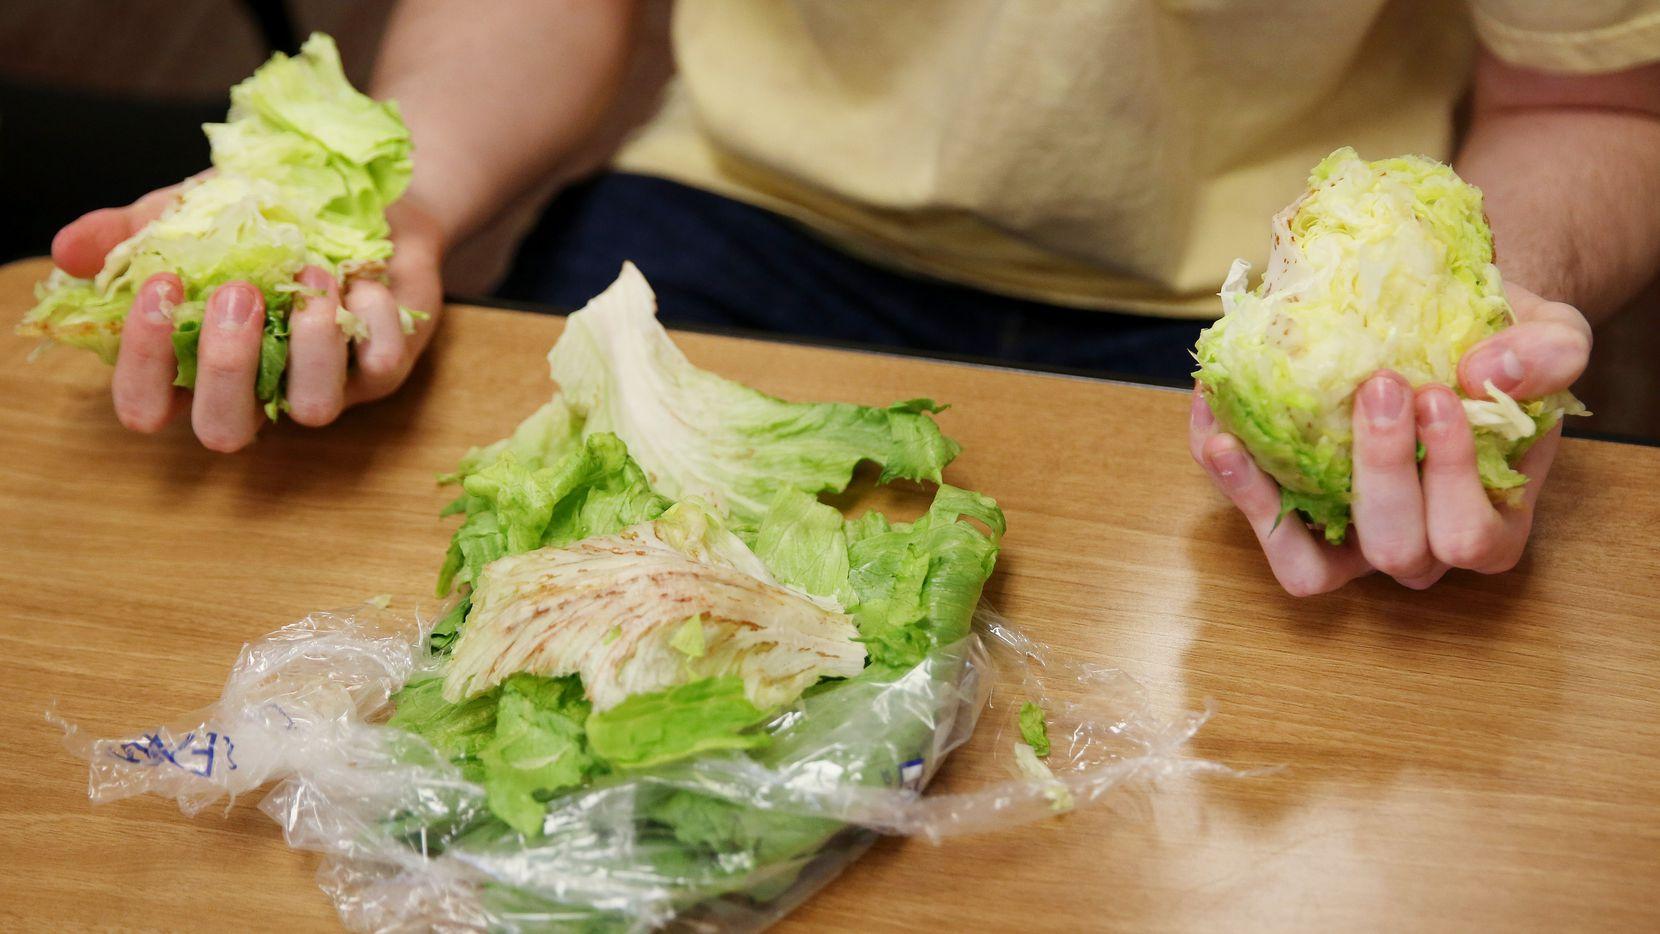 Lechuga romana es un ingrediente favorito en ensaldas. AP